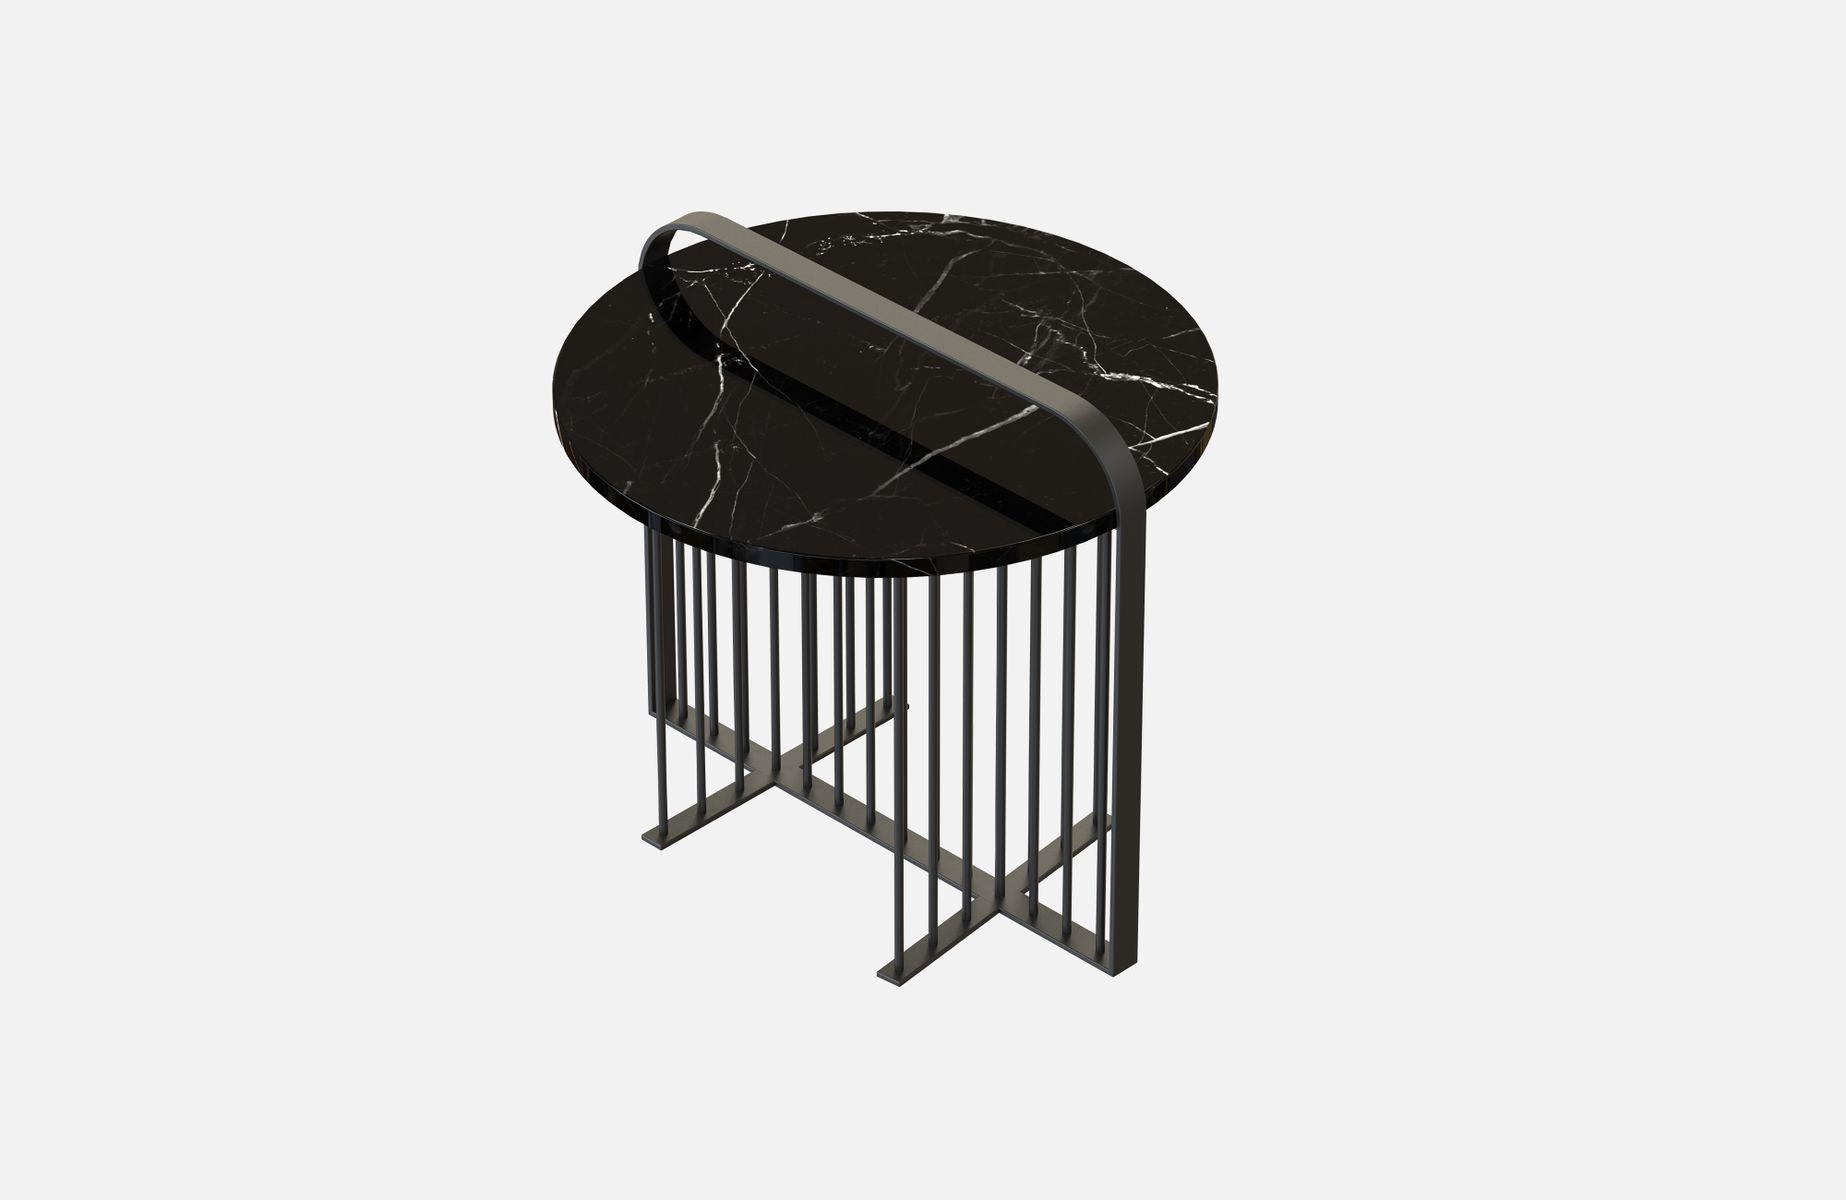 MEISTER Couchtisch mit schwarzem Marmor von Alex Baser für MIIST